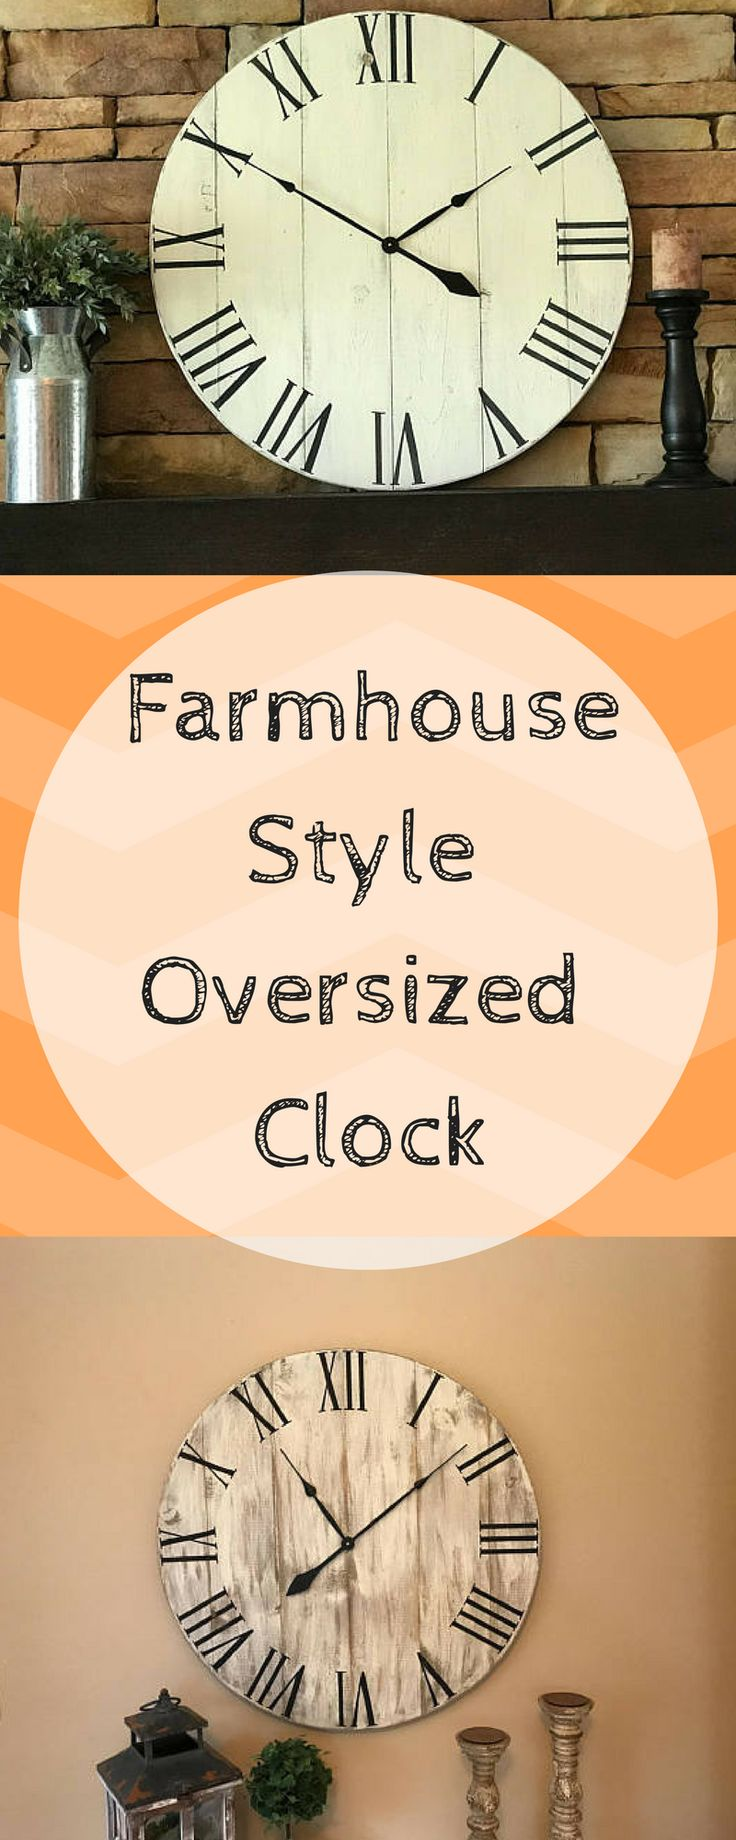 """30"""" Farmhouse Clock, Oversized Clock, Wall Decor, Rustic Clock, Large Wooden Clock, Farmhouse Decor, Home Decor #farmhouse #ad #farmhousedecor #farmhousestyle #homedecor #clock"""